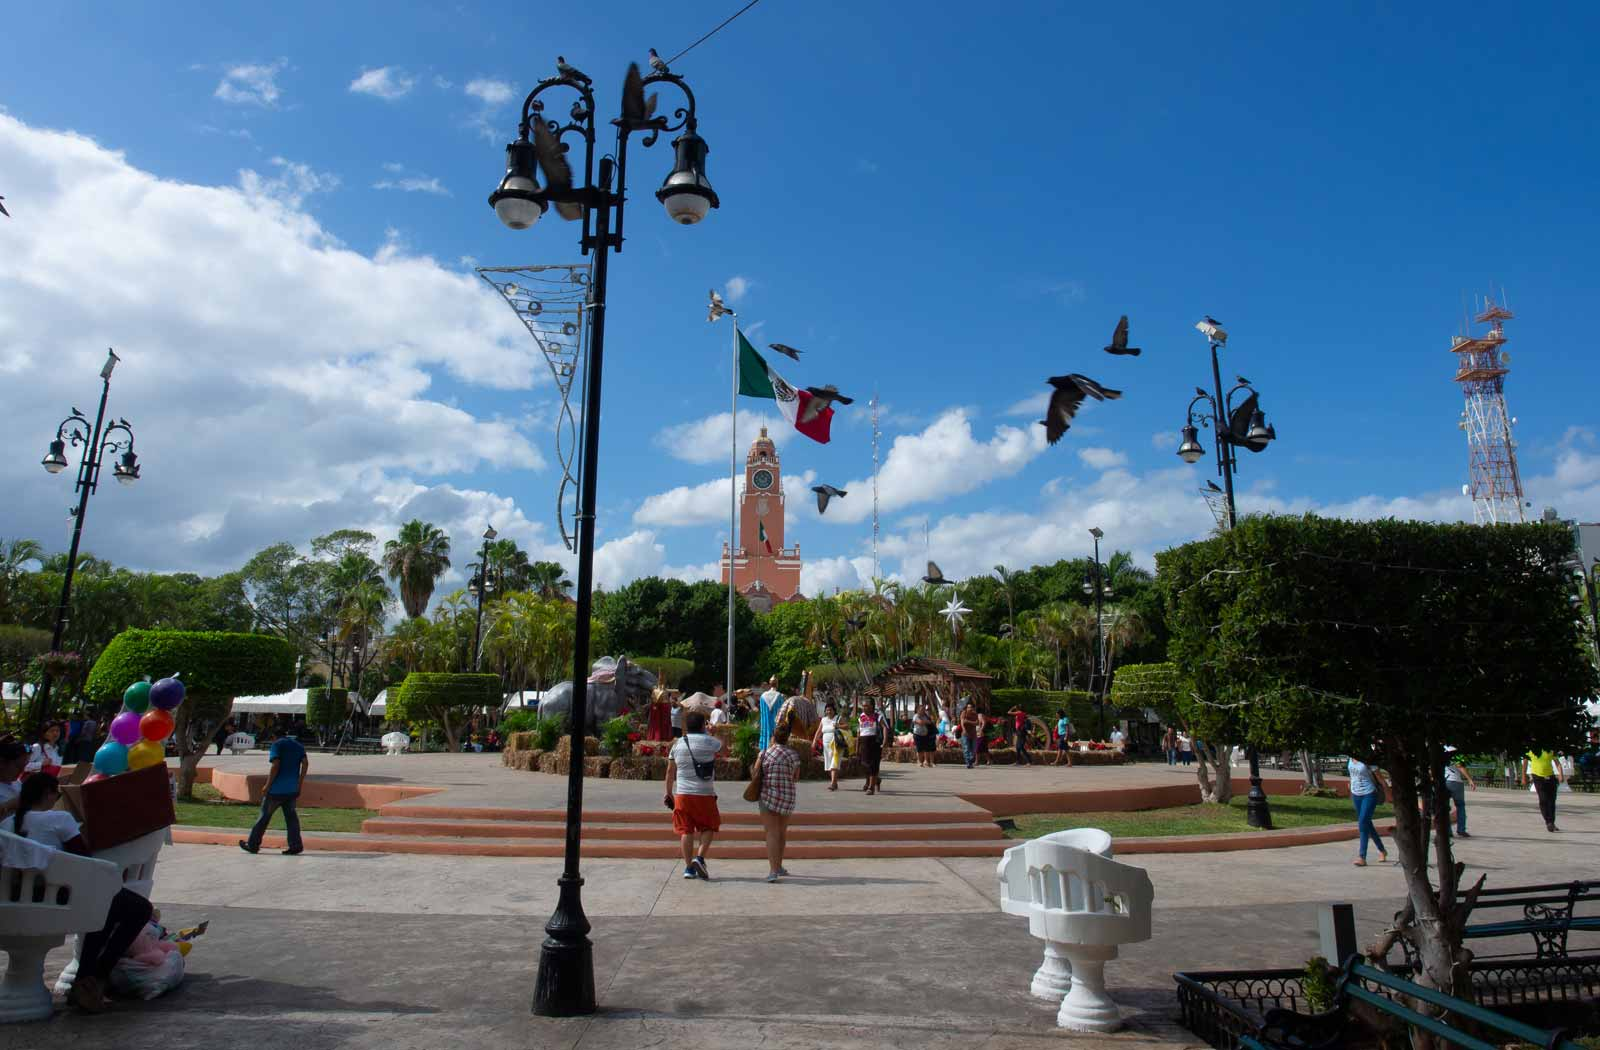 Mérida Zócalo